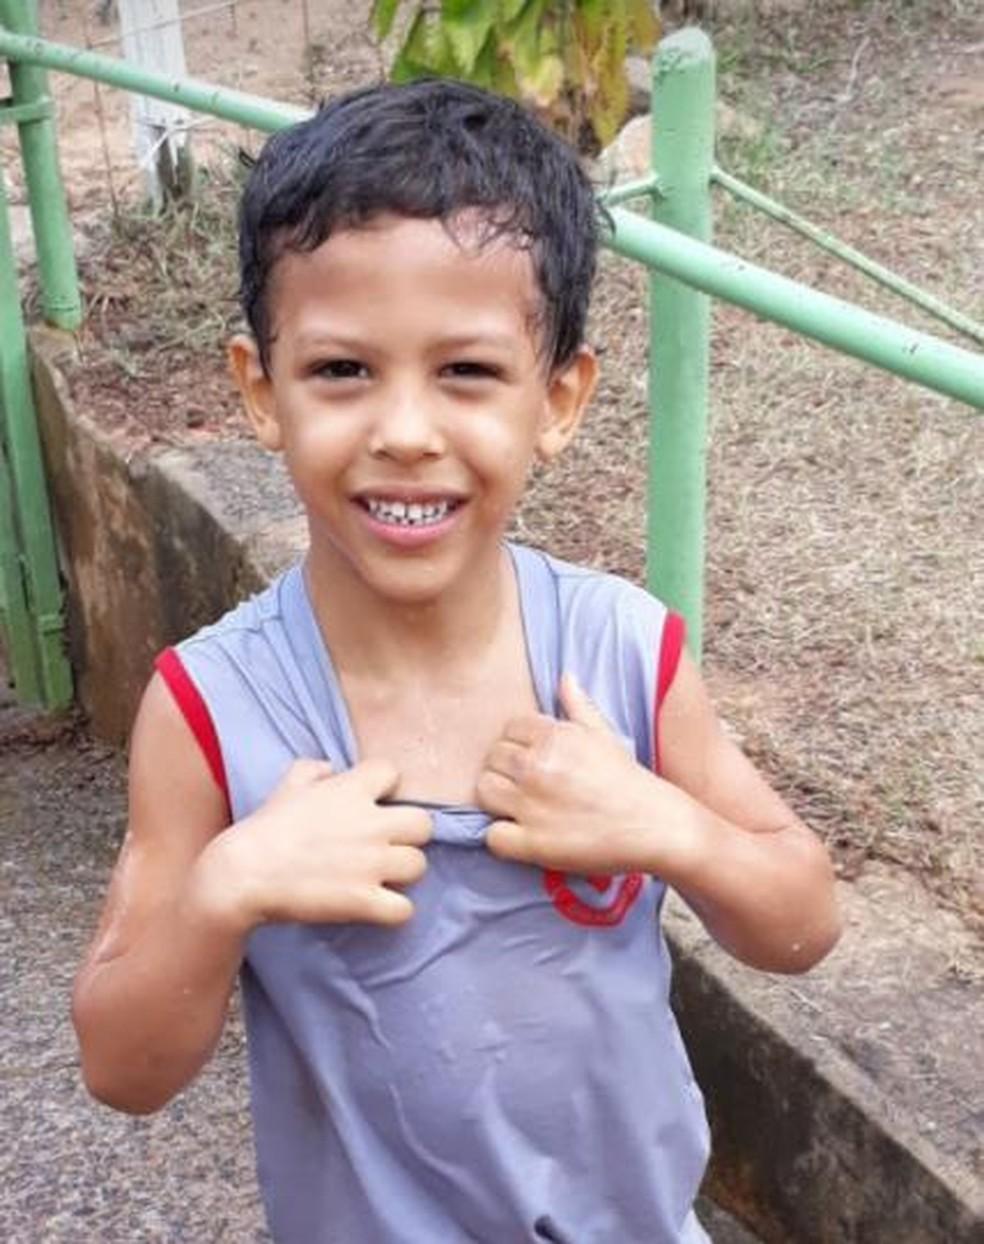 Davi Barbosa, de 5 anos, estava com a mãe em um velório quando correu e desapareceu — Foto: Redes Sociais